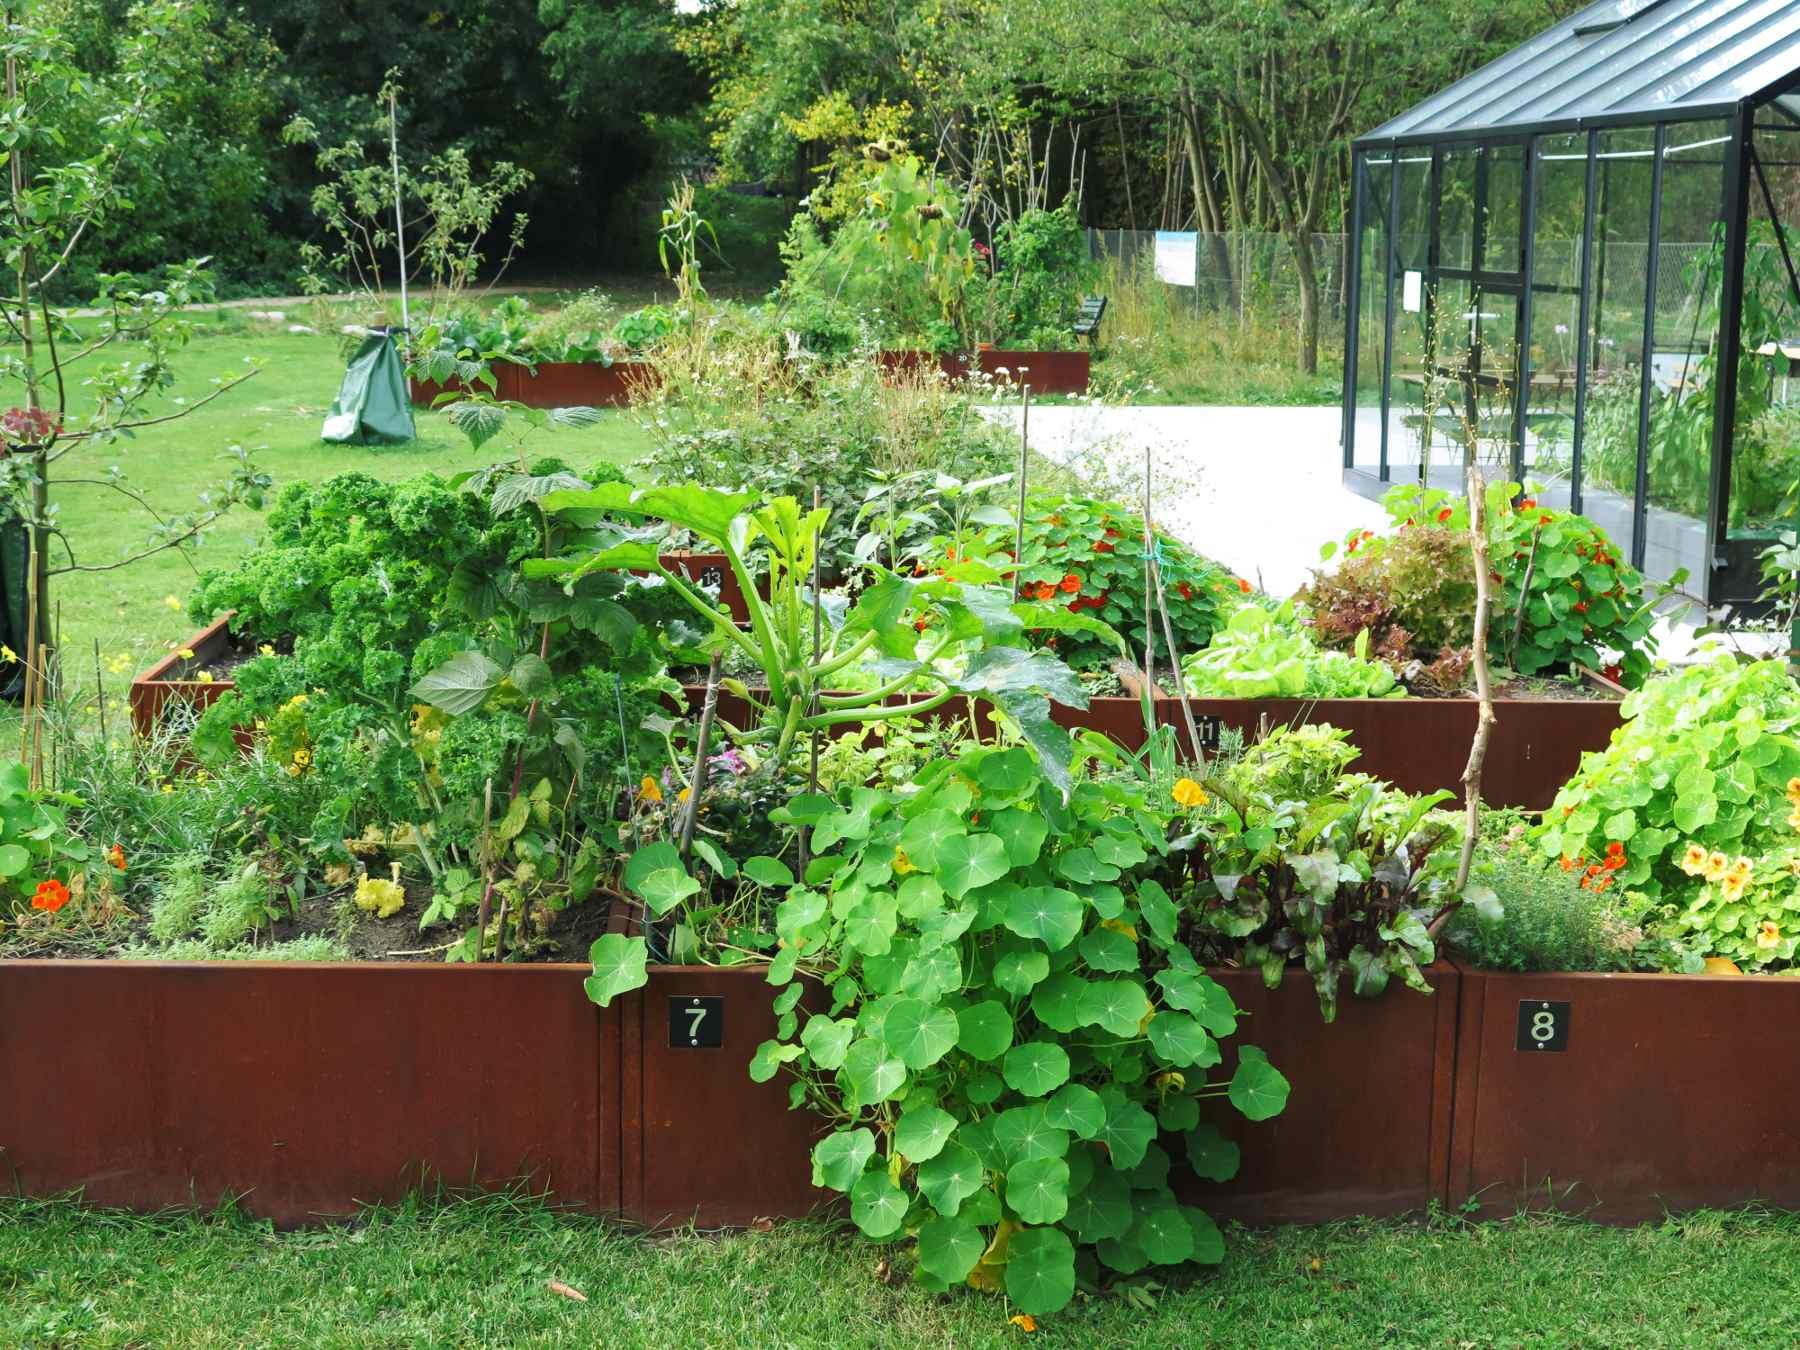 Plantekasser udendørs